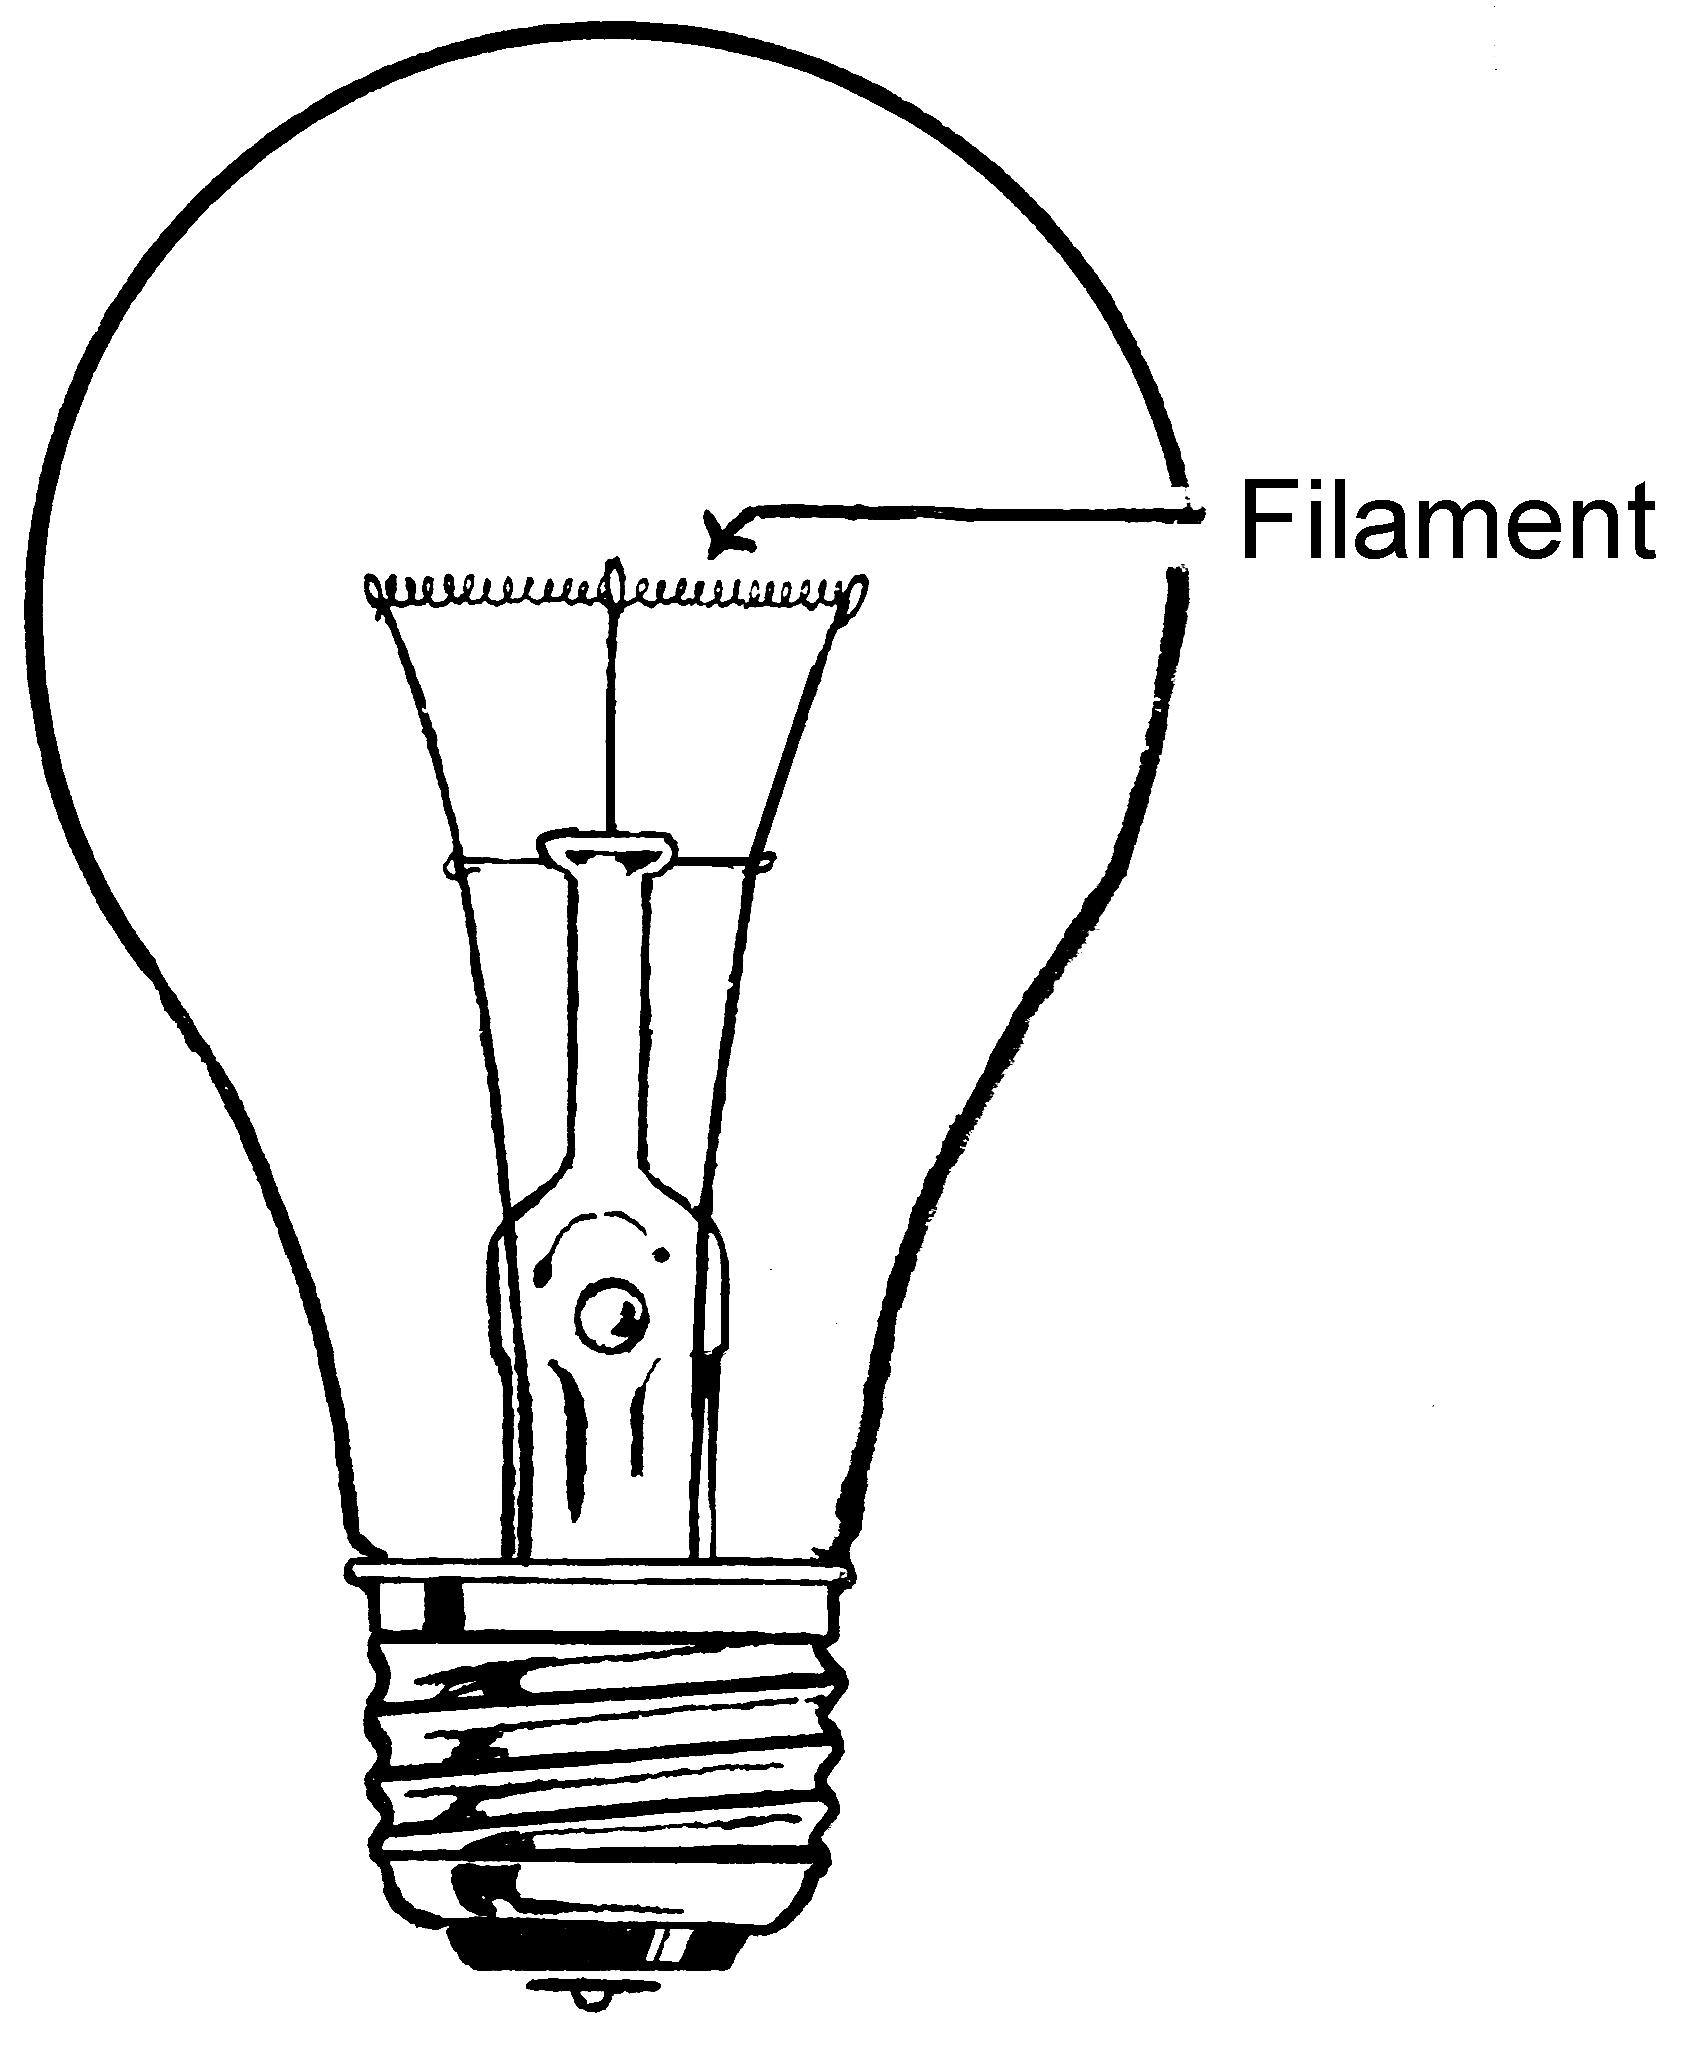 필라멘트(Filament)